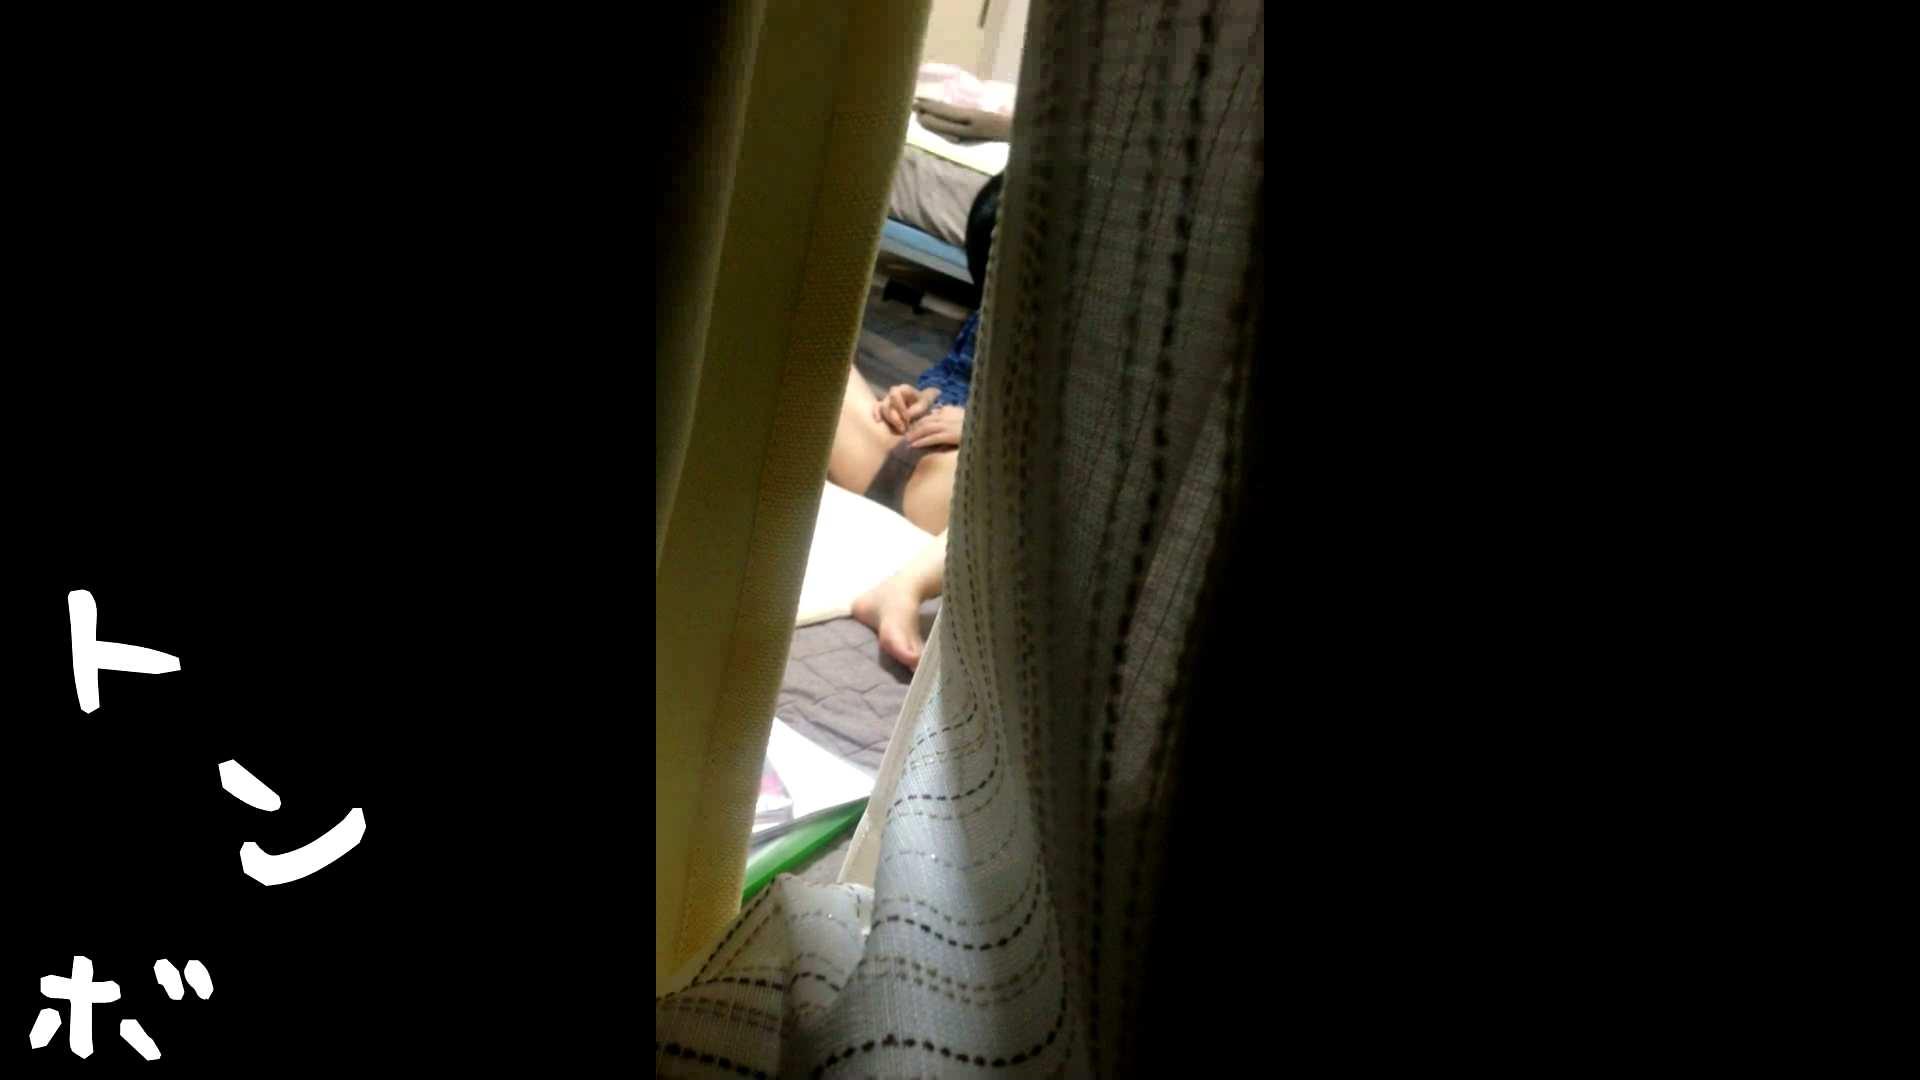 リアル盗撮 作家志望J子 アソコのお手入れ最中に感じてパンツを湿らす 美女 ワレメ動画紹介 29連発 18